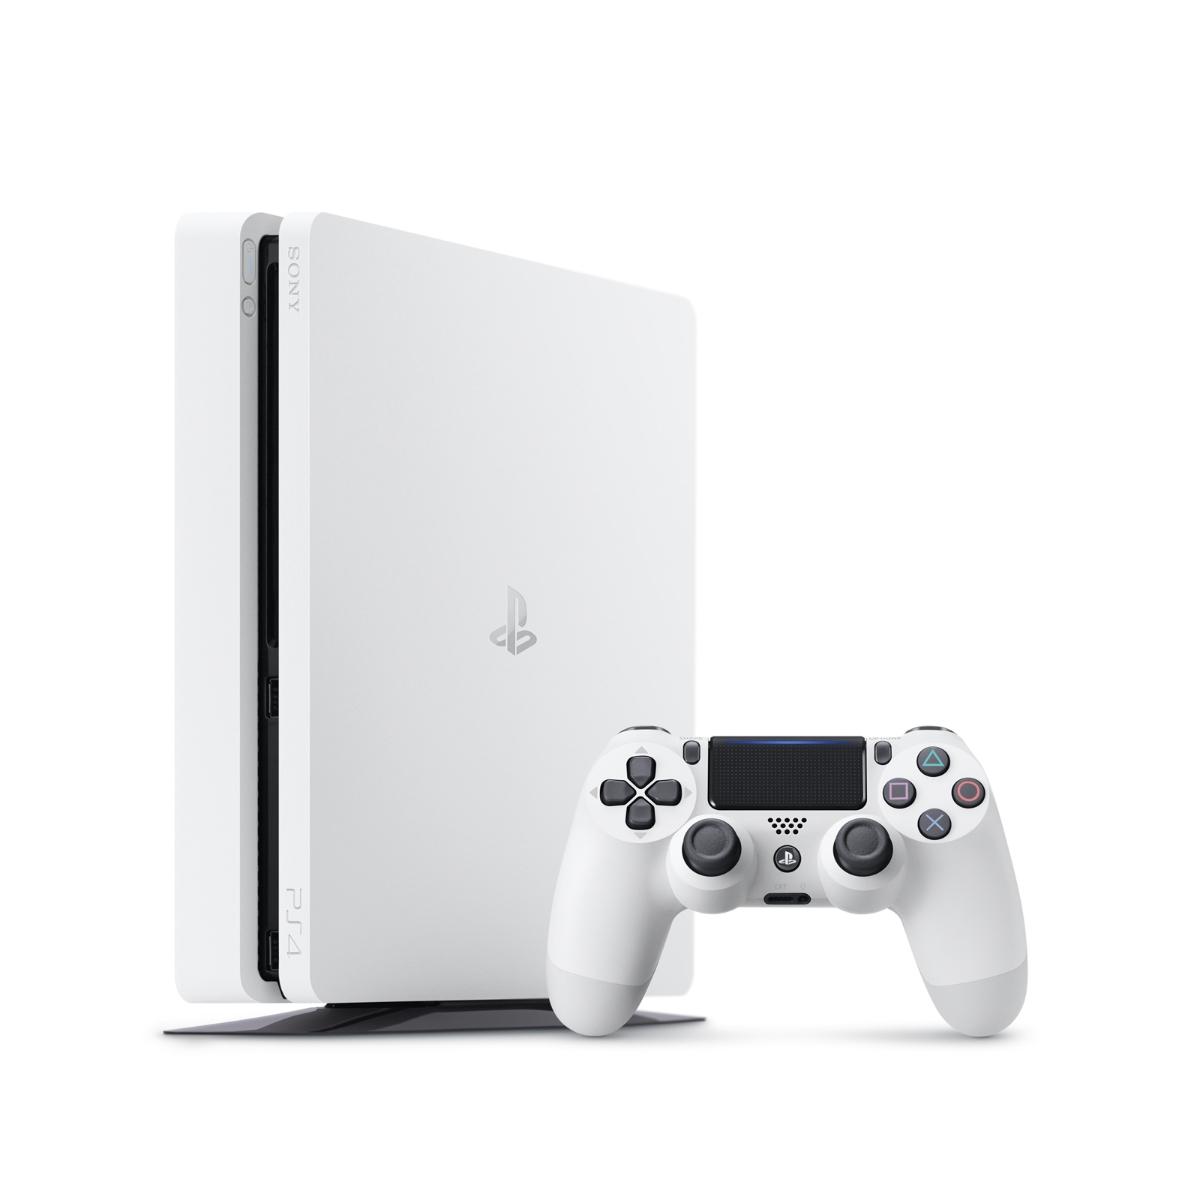 【中古】 PlayStation4 グレイシャー・ホワイト 500GB [CUH-2200AB02] PS4 本体 CUH-2200AB02 / 中古 ゲーム